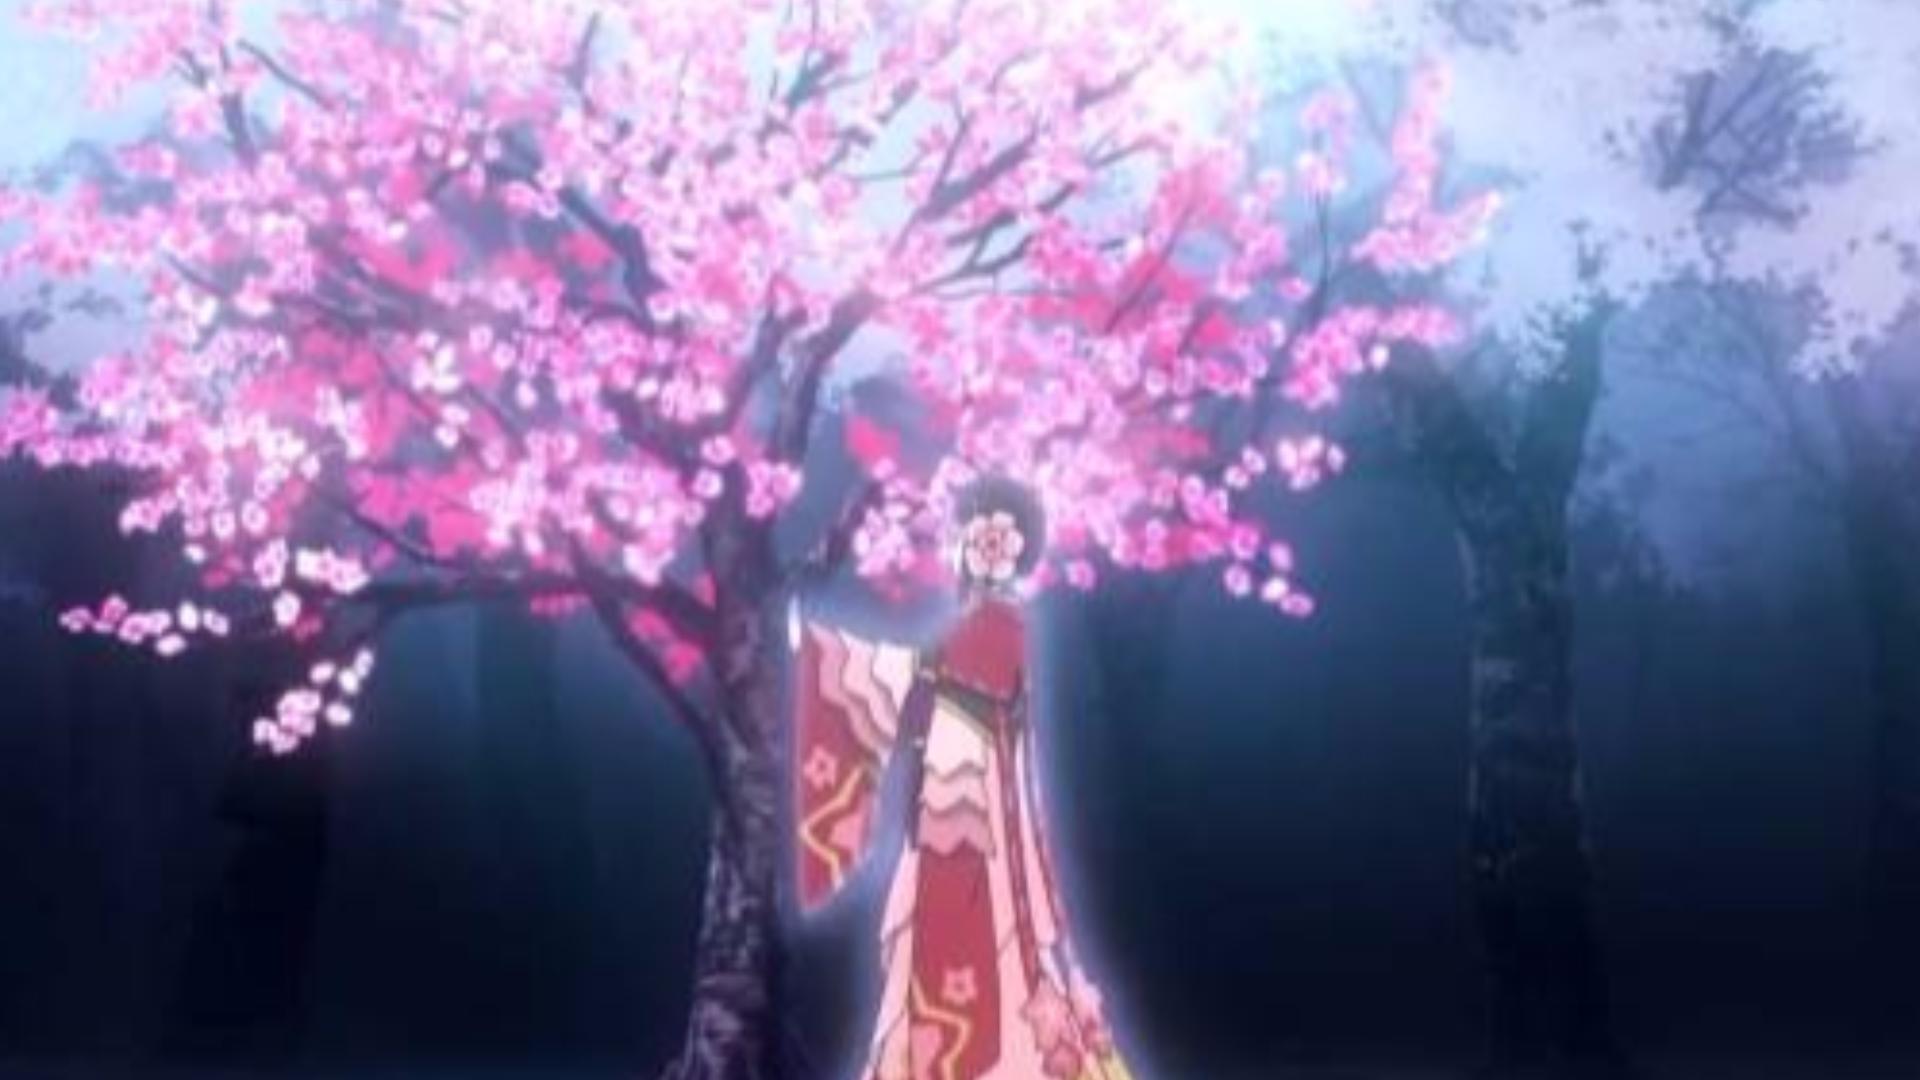 【萌新报道】【阴阳师中配一人饰】橘里橘气的樱与桃